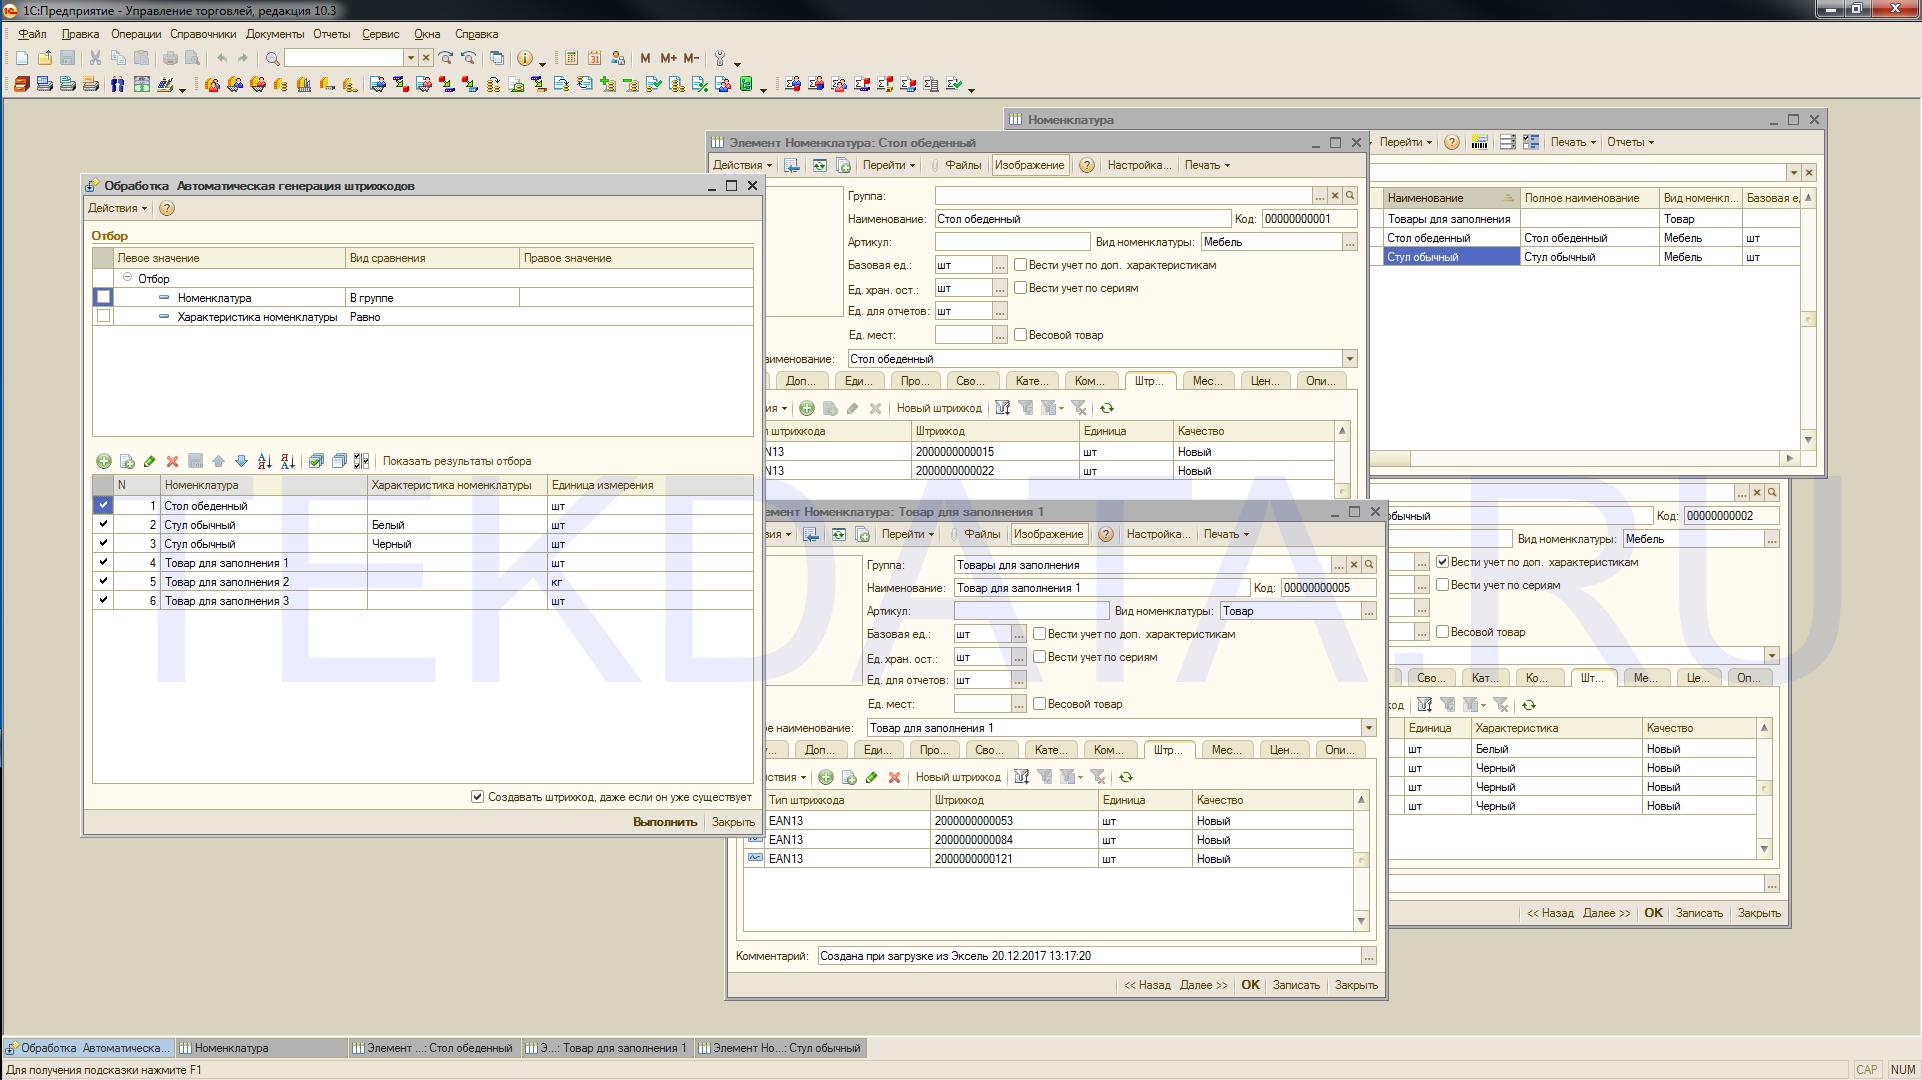 Автоматическая генерация штрихкодов для 1С:УТ 10.3 (Внешняя обработка)